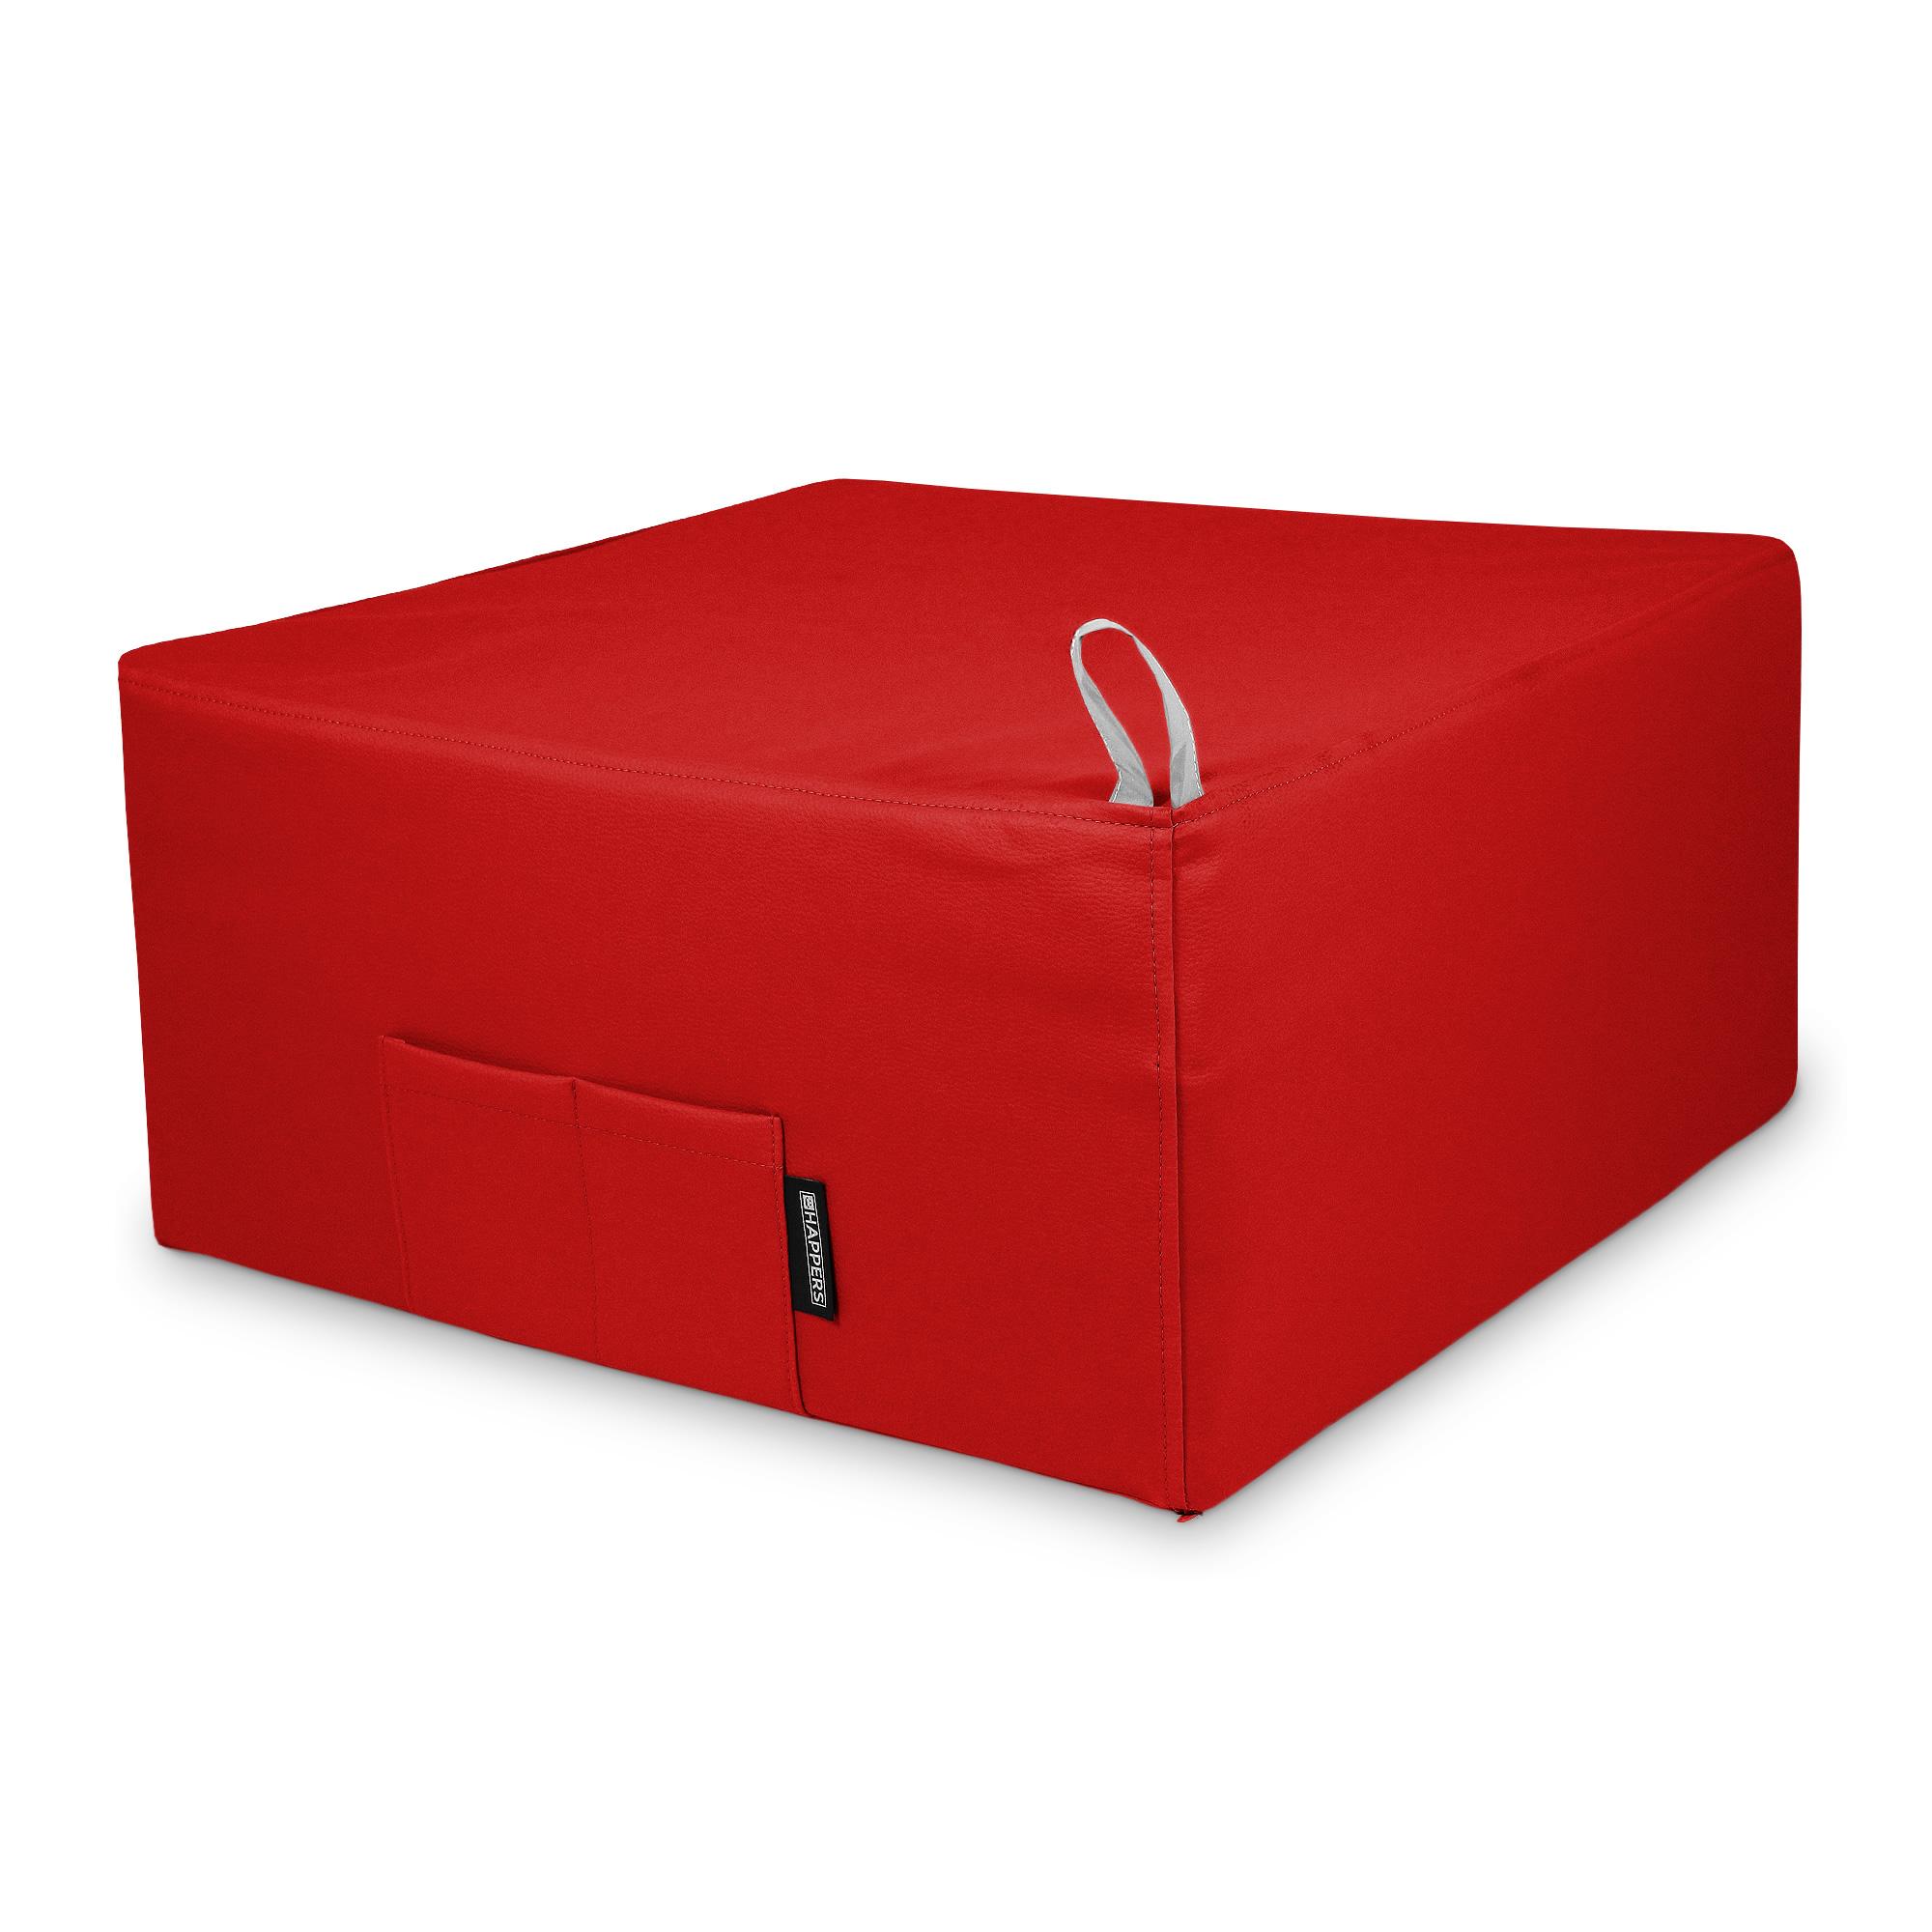 Puff Cama Individual para una persona Polipiel Indoor Rojo en puffdepera.com